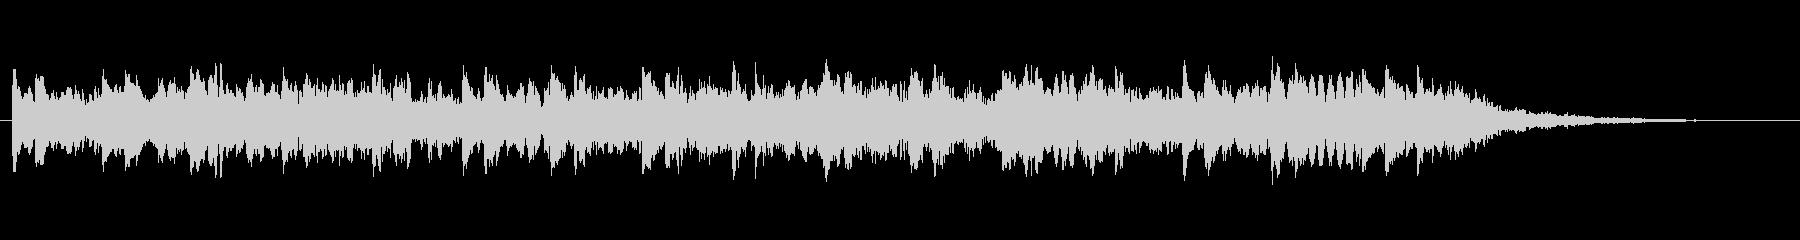 緊迫感をあおるパルス音(120BPM)の未再生の波形